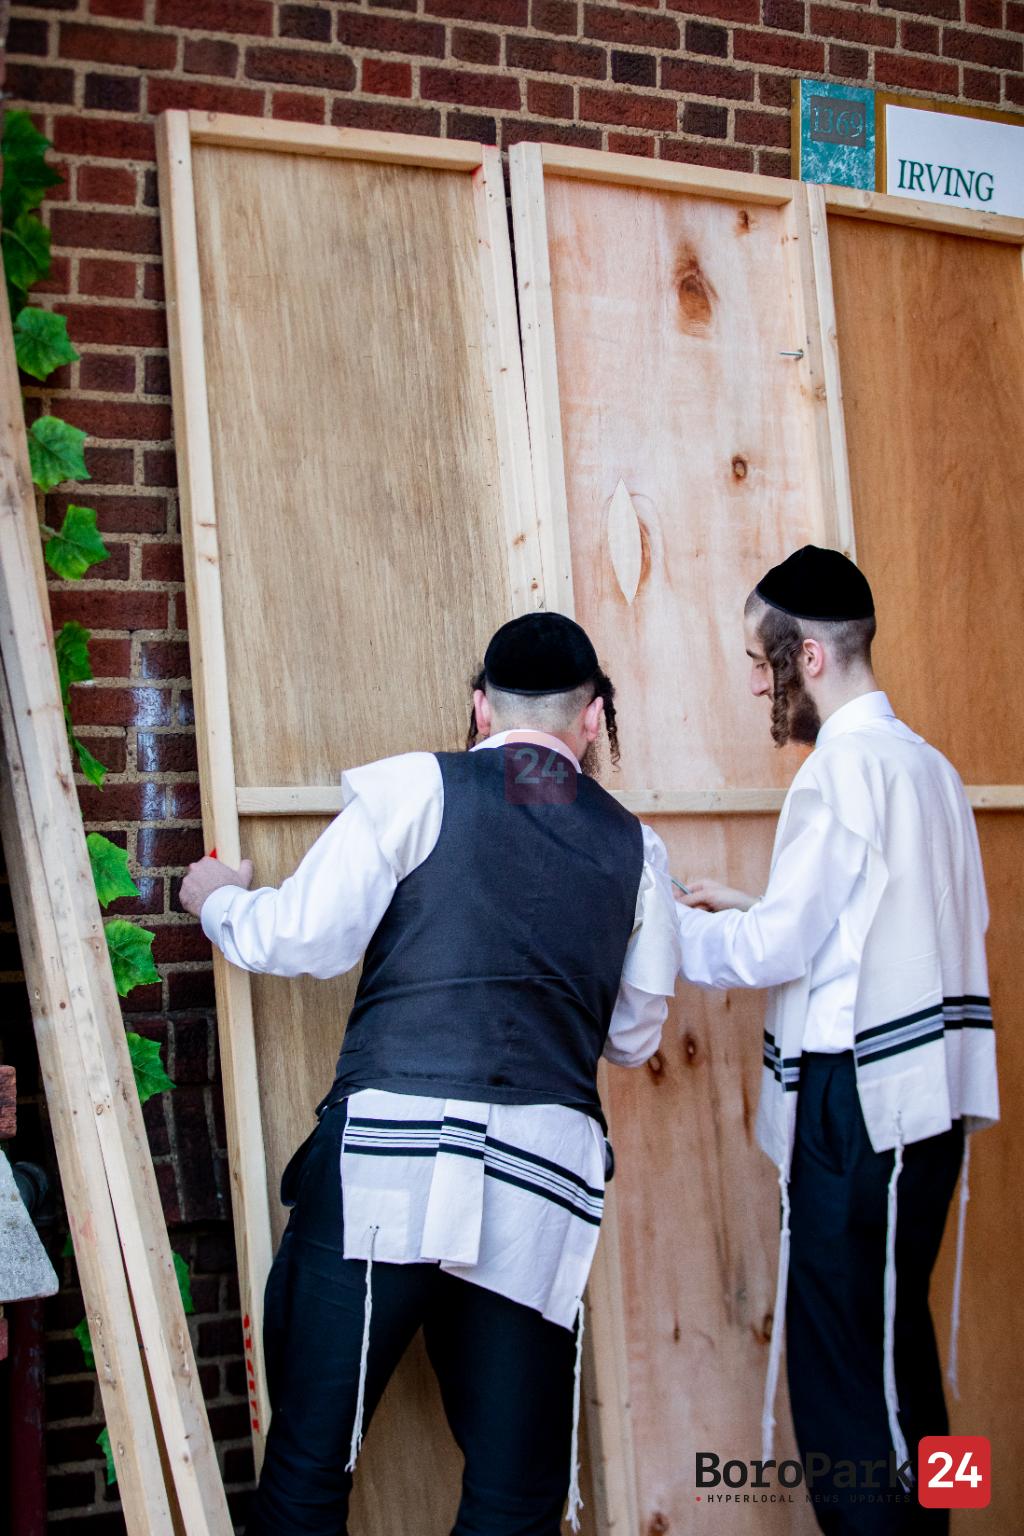 Photo Gallery: Preparations for Yom Kippur and Sukkos Around Boro Park - Part 5